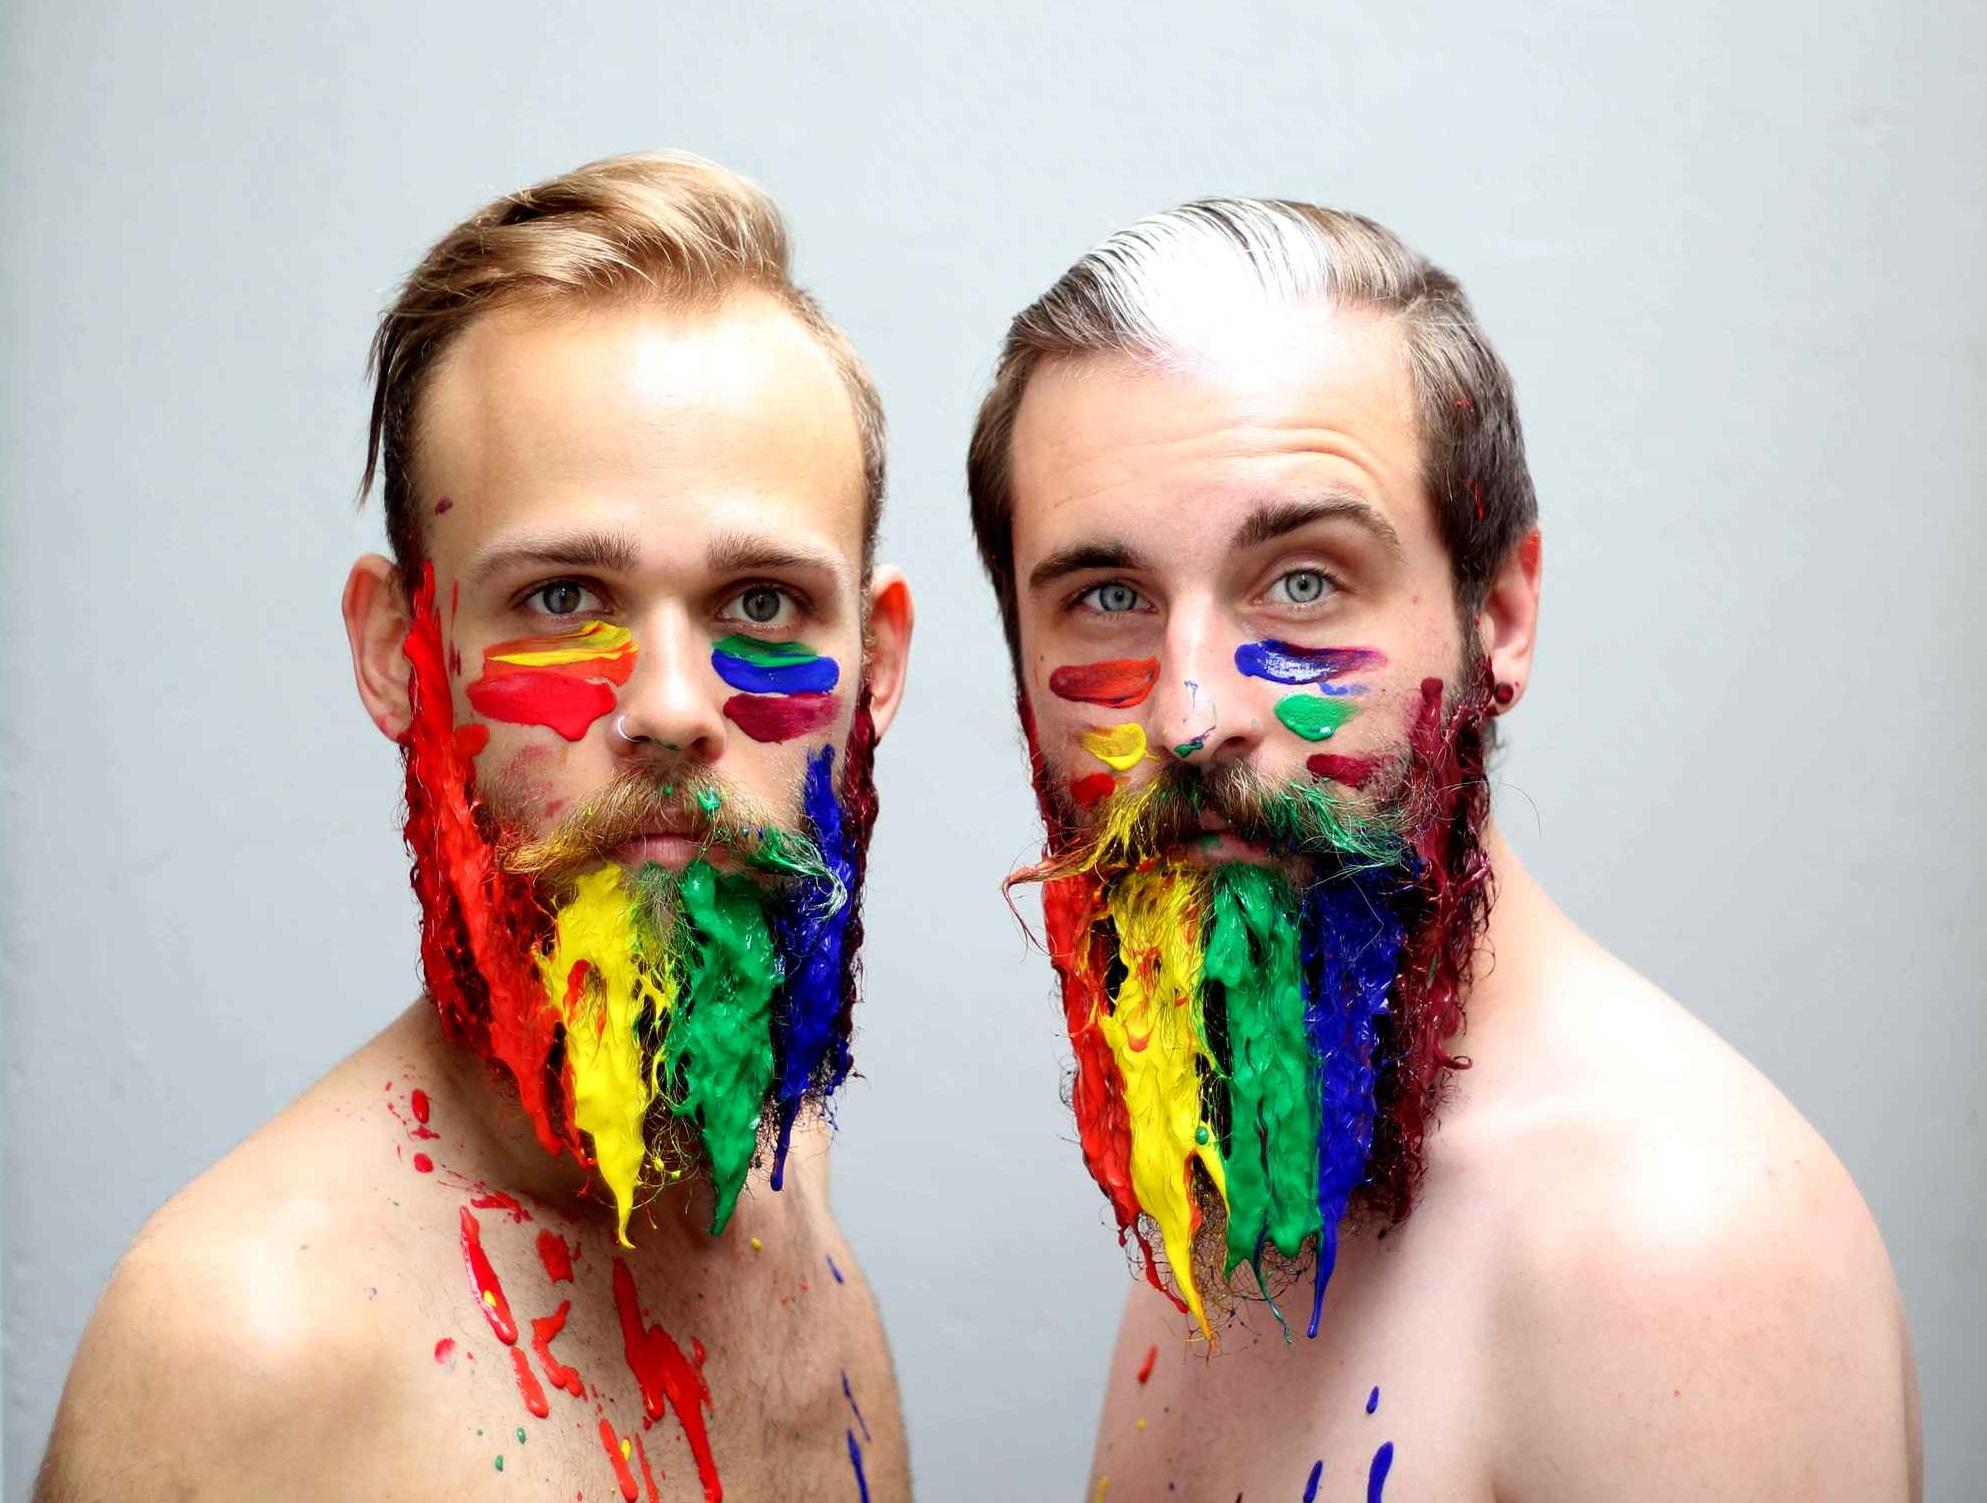 Bilim İnsanları Gaylerin Neden Sakal Takıntısı Olduğunu Açıkladı